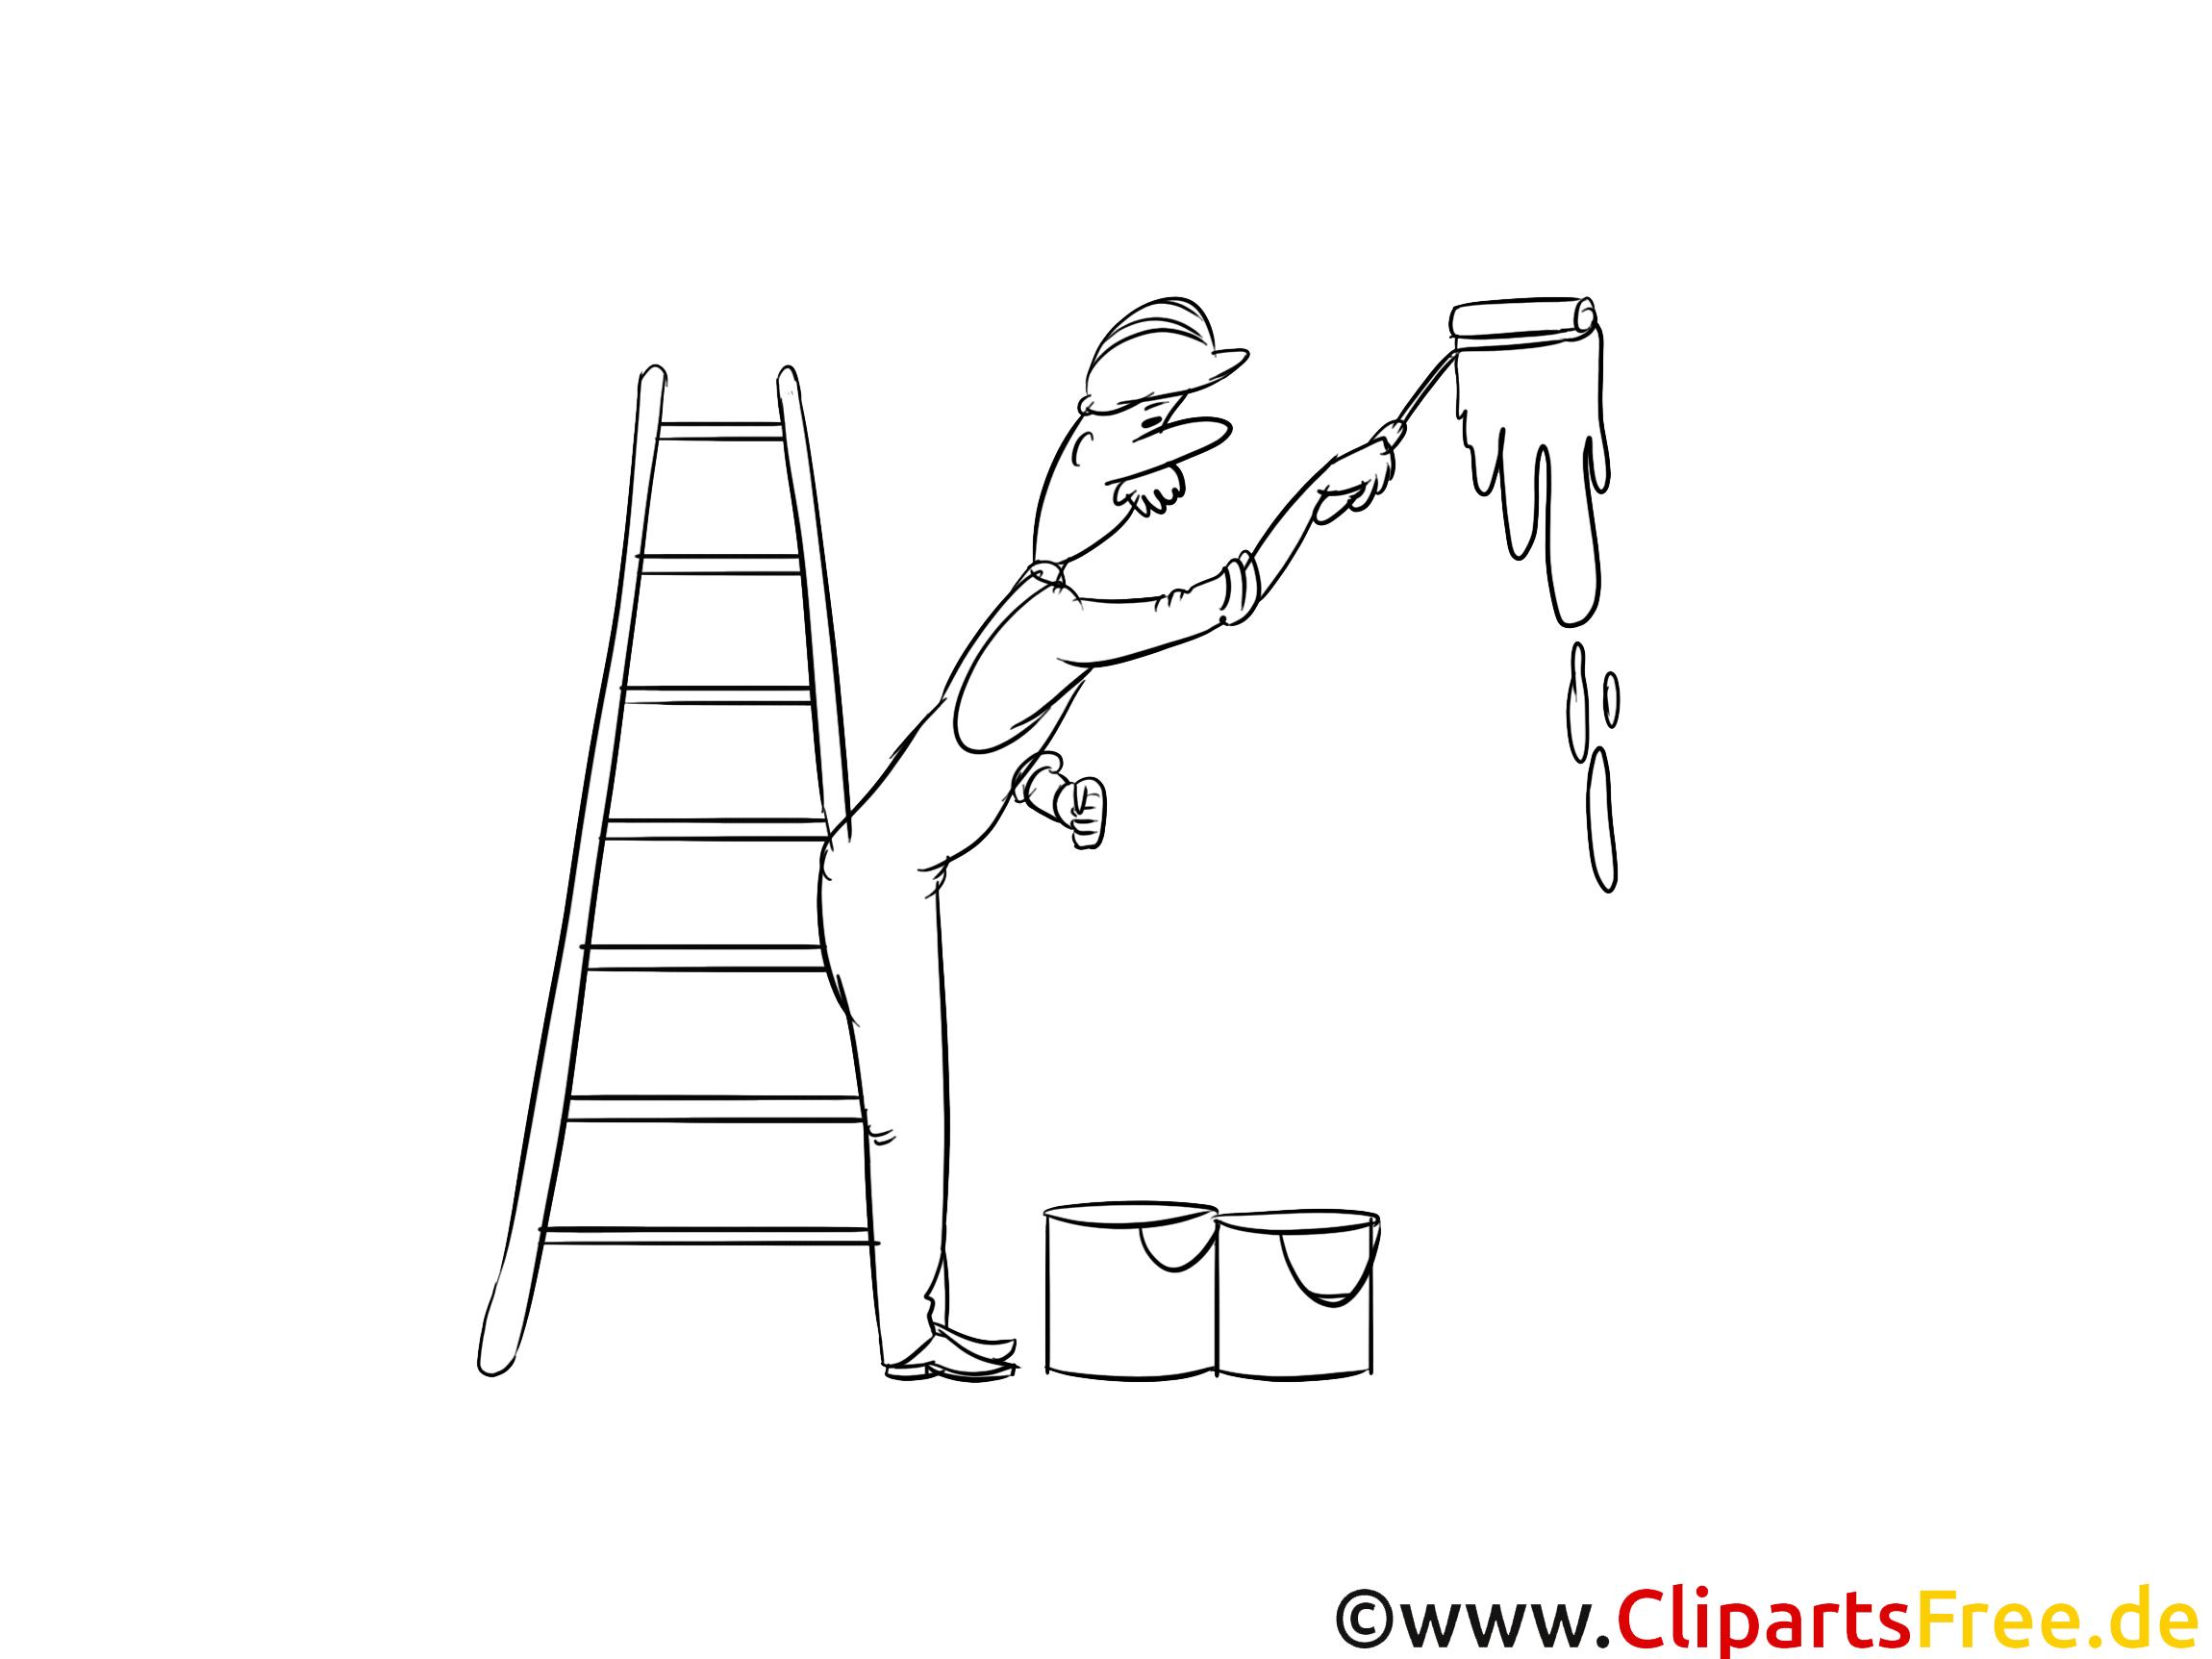 Maler Malvorlage zum Drucken und Ausmalen